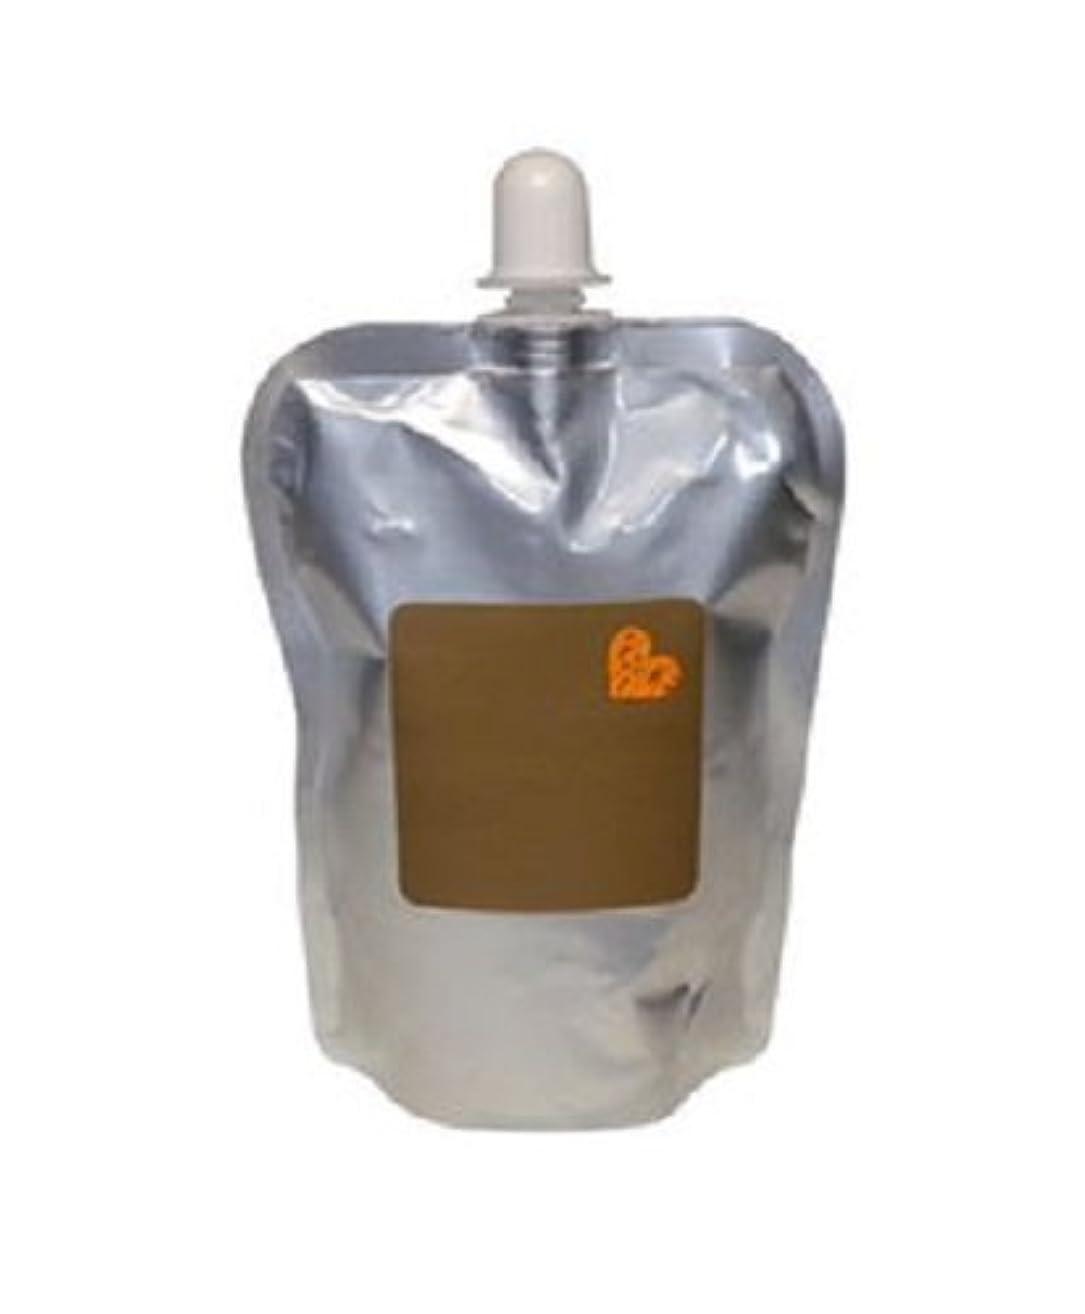 過度に連結する肯定的アリミノ ピース プロデザインシリーズ ライトワックス ホイップ 400ml 詰替用